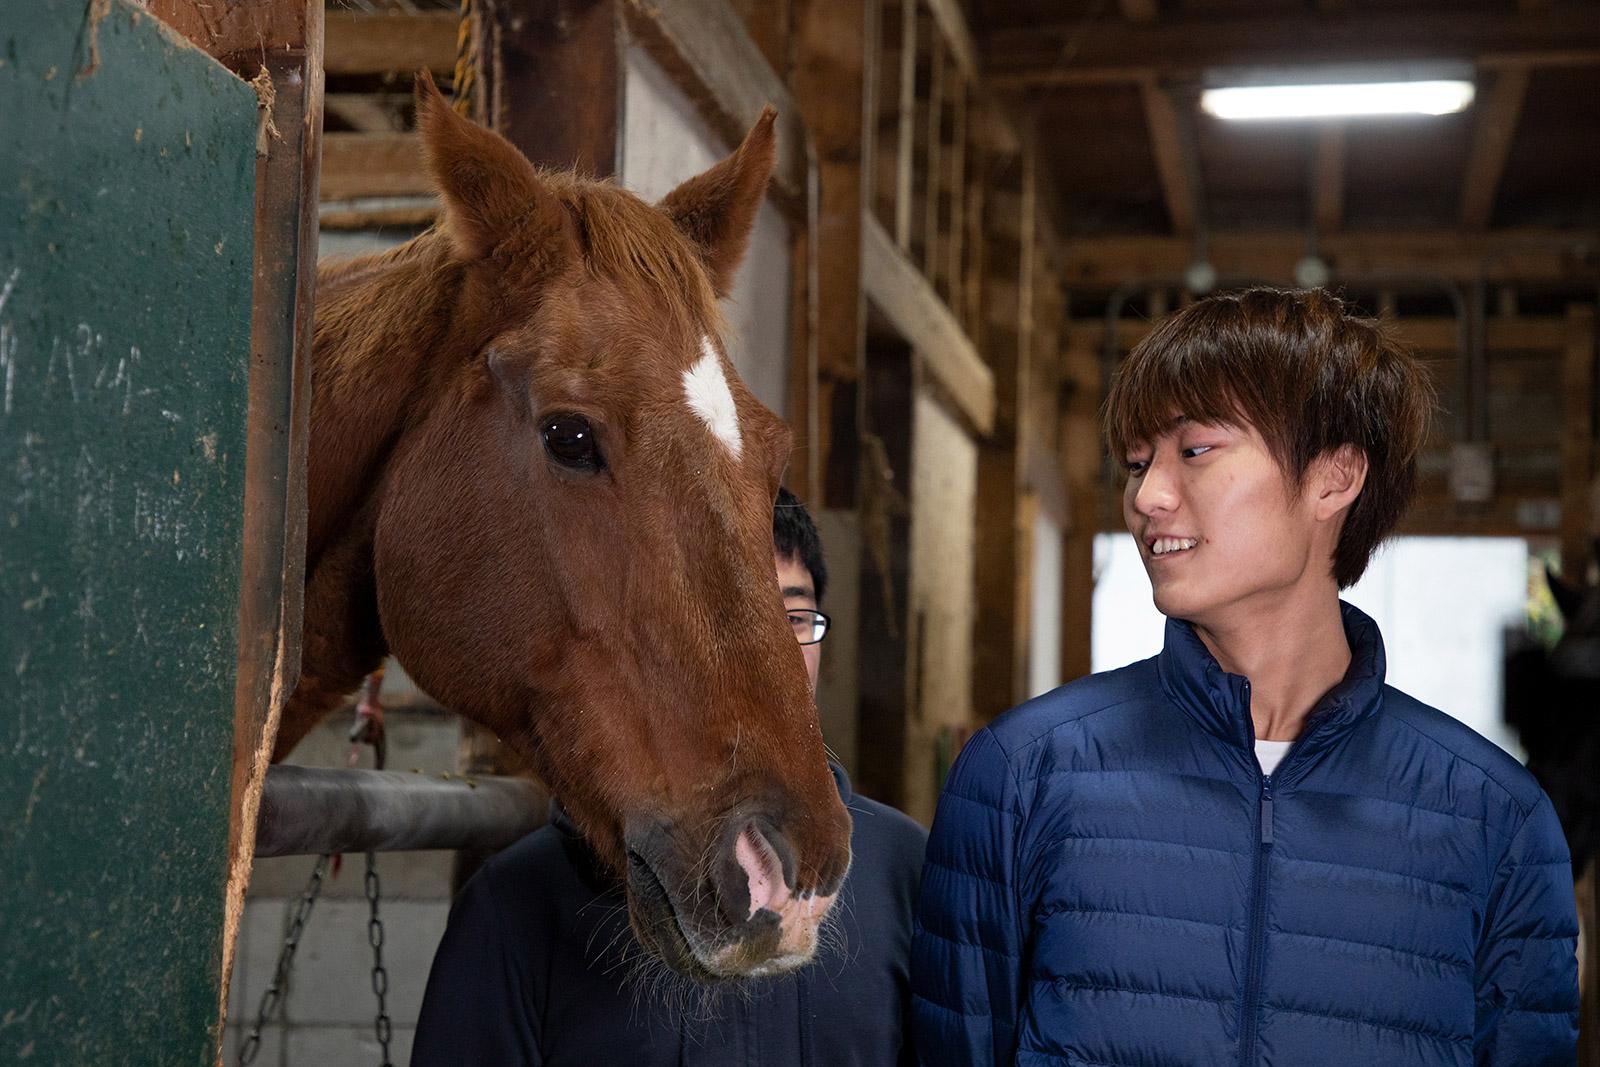 弘前大学馬術部 インタビュー中にも馬がくっついてくる